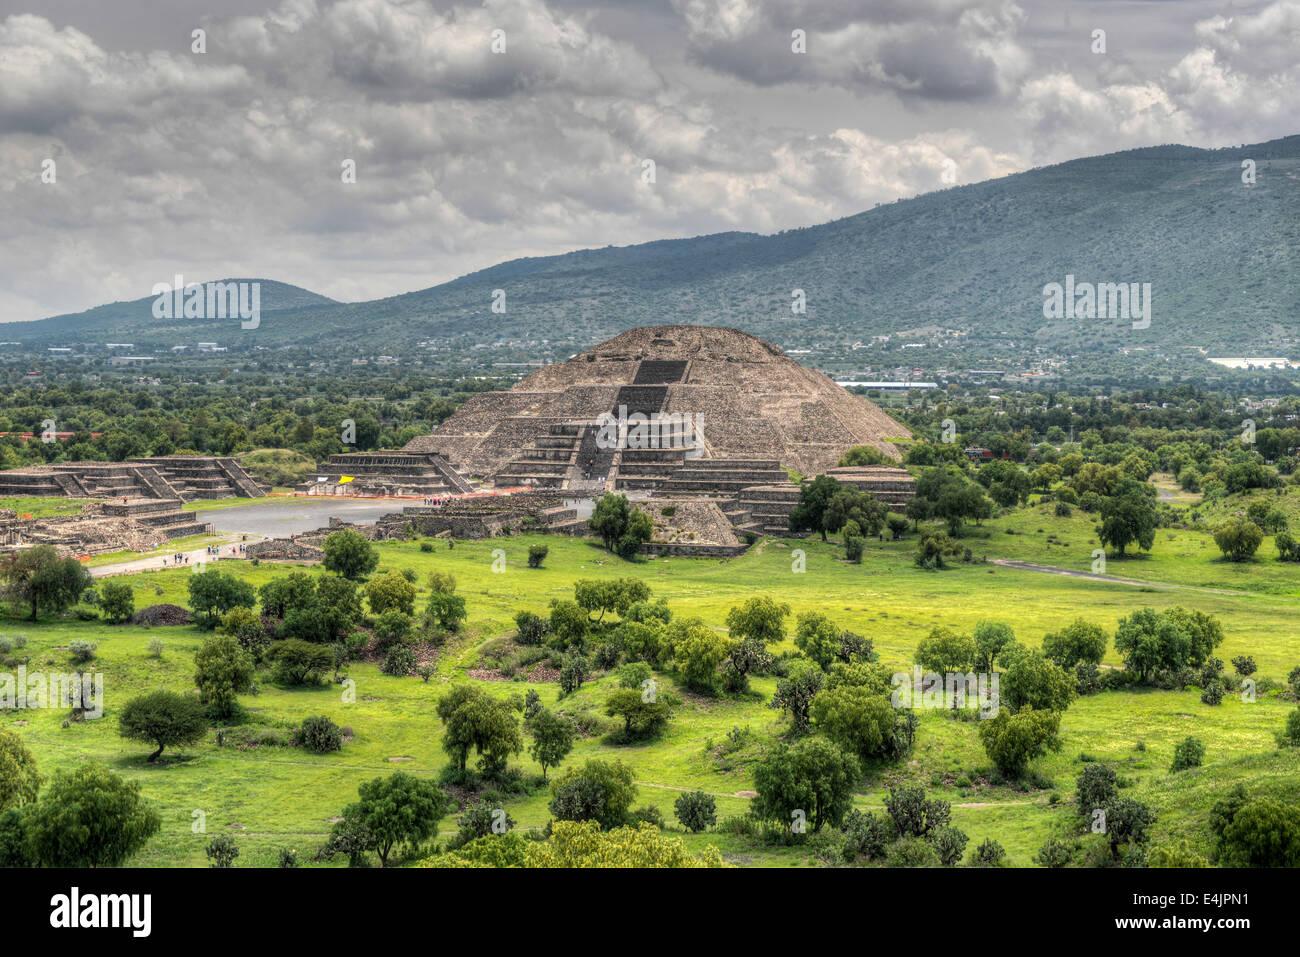 L'ancienne pyramide de la Lune. La deuxième plus grande pyramide de Teotihuacan, au Mexique. Photo Stock